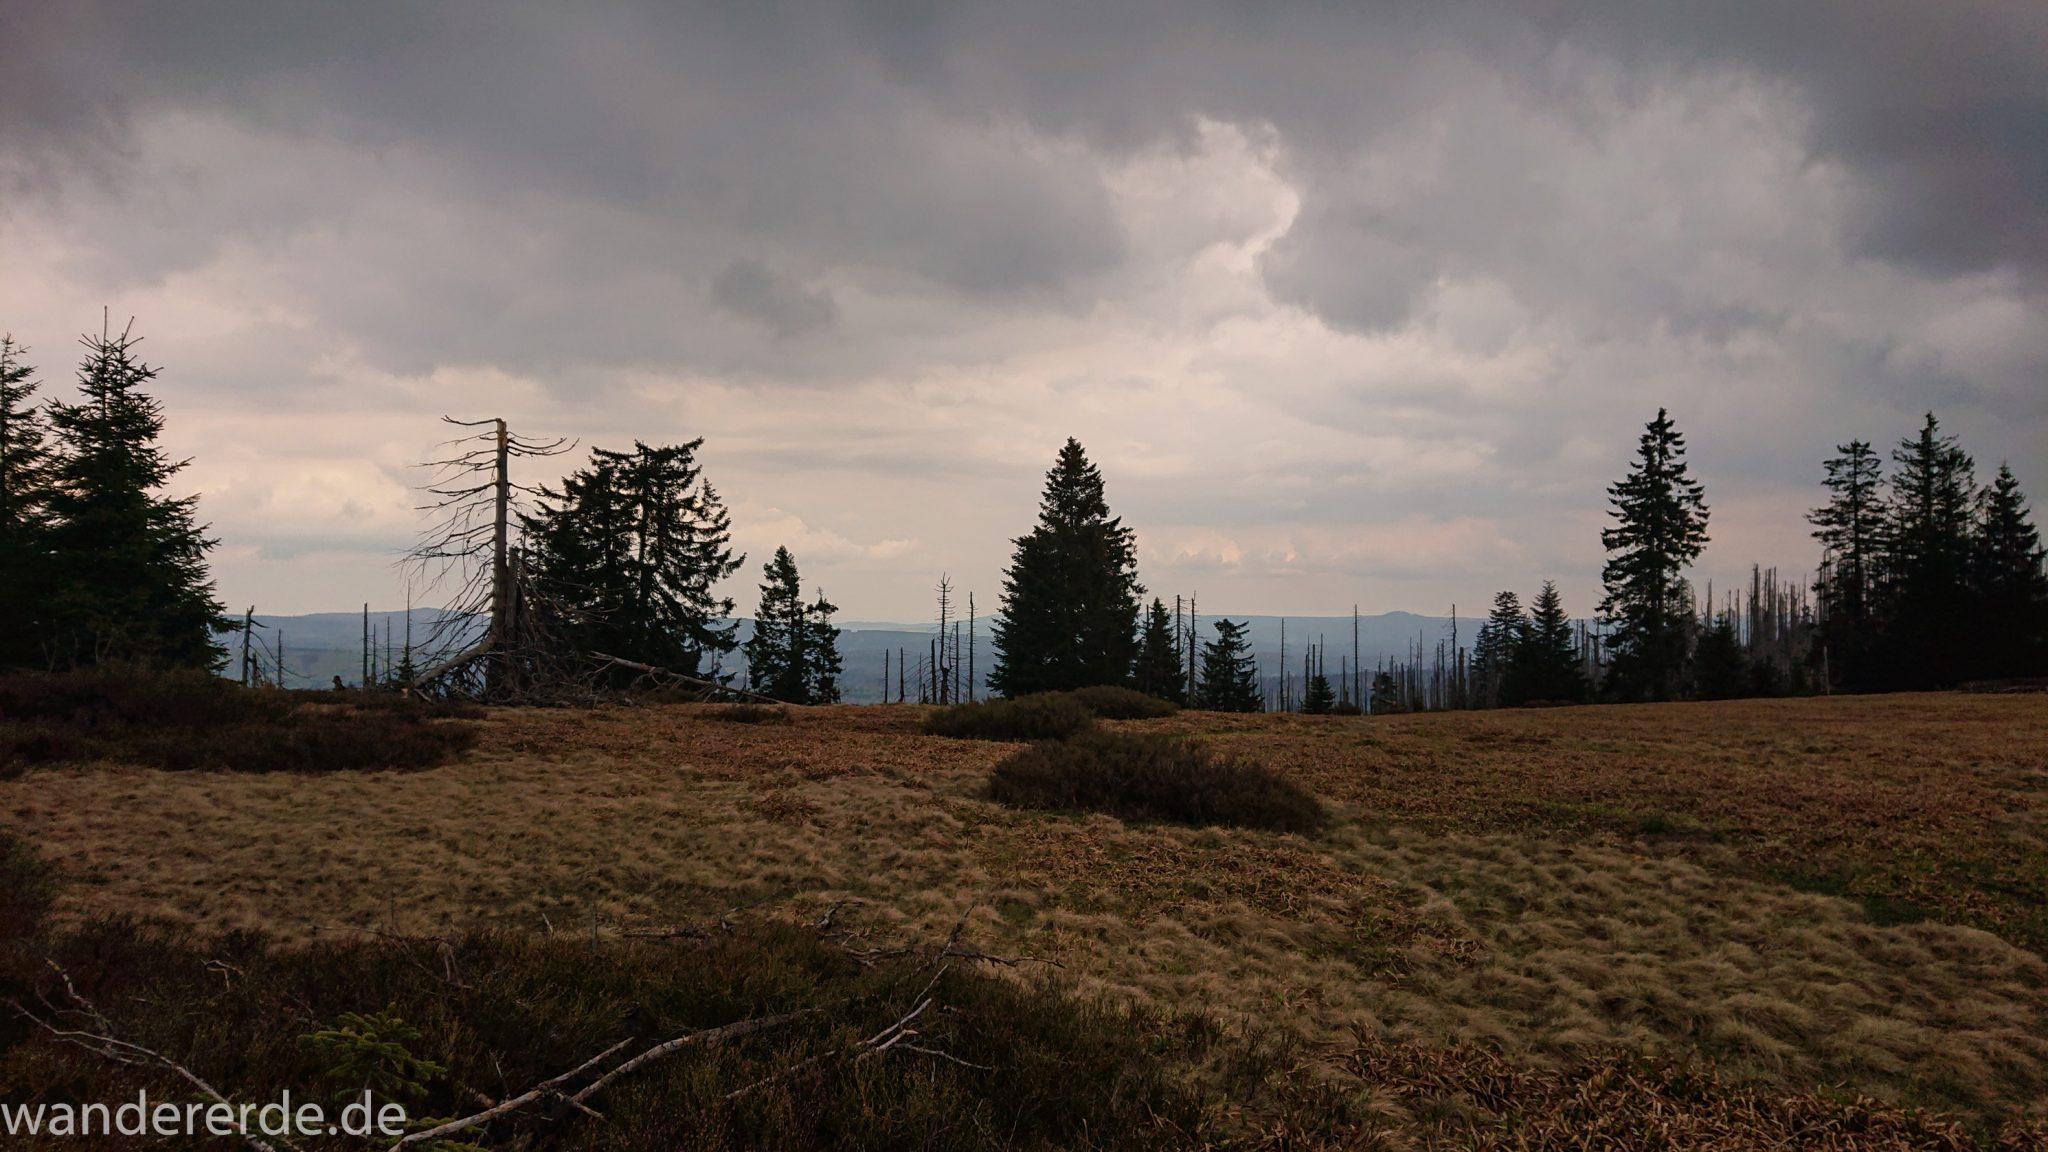 Wanderung Großer Rachel im Nationalpark Bayerischer Wald, Start Parkplatz Oberfrauenau, abwechslungsreicher Wanderweg, Heidelandschaft im Nationalpark Bayerischer Wald,  umgefallene Bäume werden liegen gelassen, Zerstörung einiger Waldgebiete durch den Borkenkäfer, weite Aussicht auf riesiges Waldgebiet